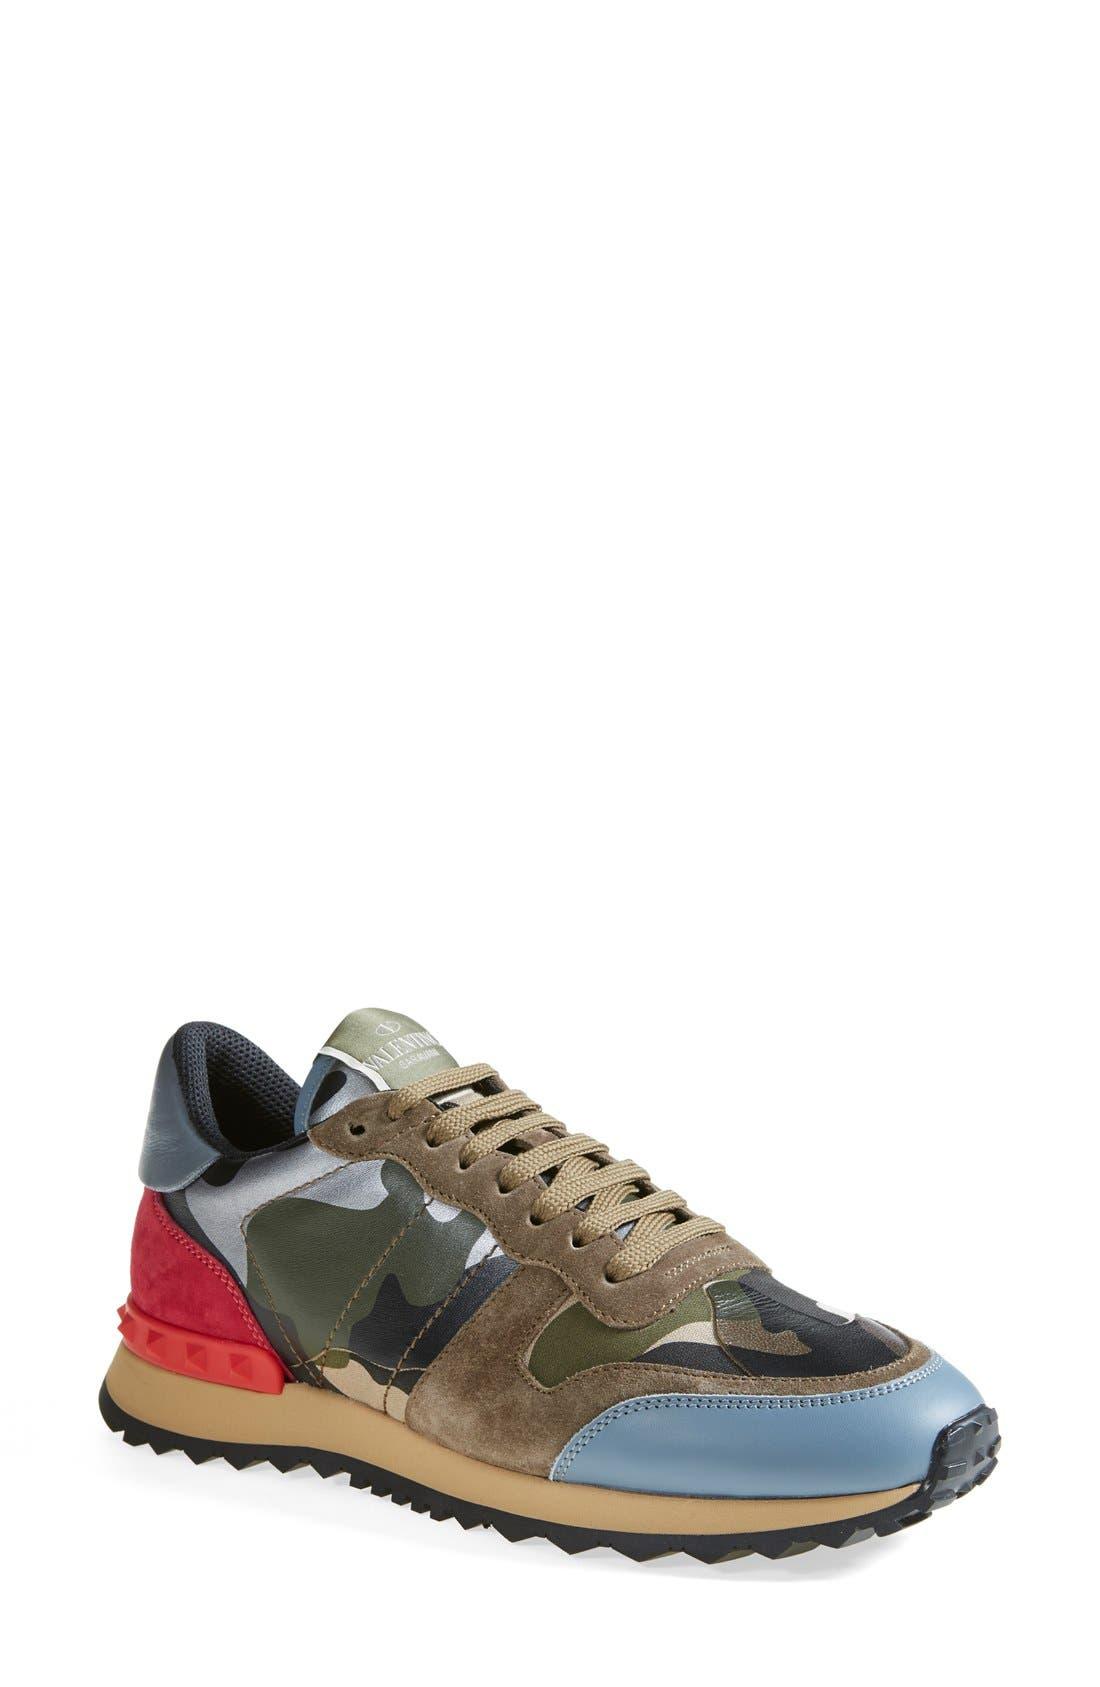 Main Image - VALENTINO GARAVANI Camouflage Sneaker (Women)